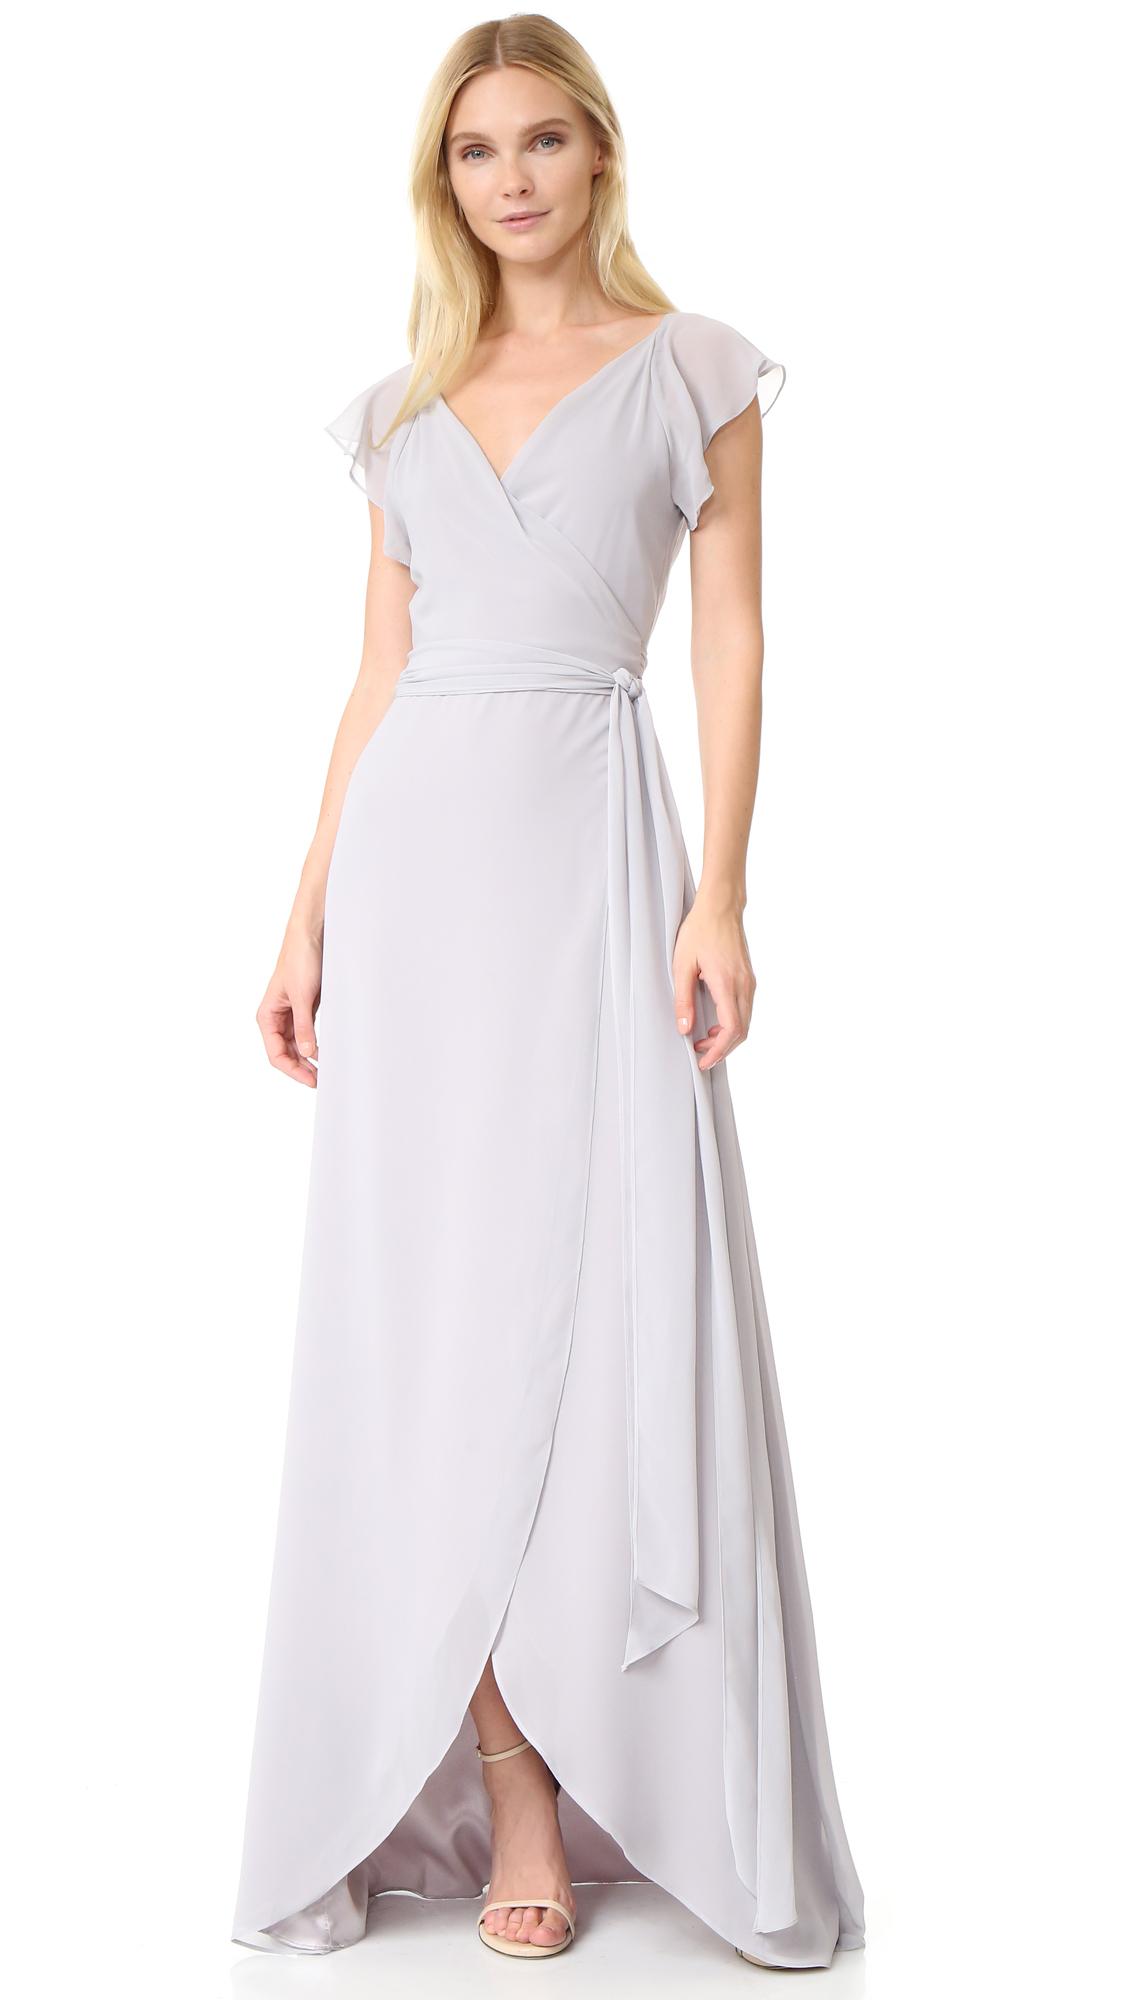 Joanna August Dorian Ruffle Sleeve Wrap Dress - Silver Bells